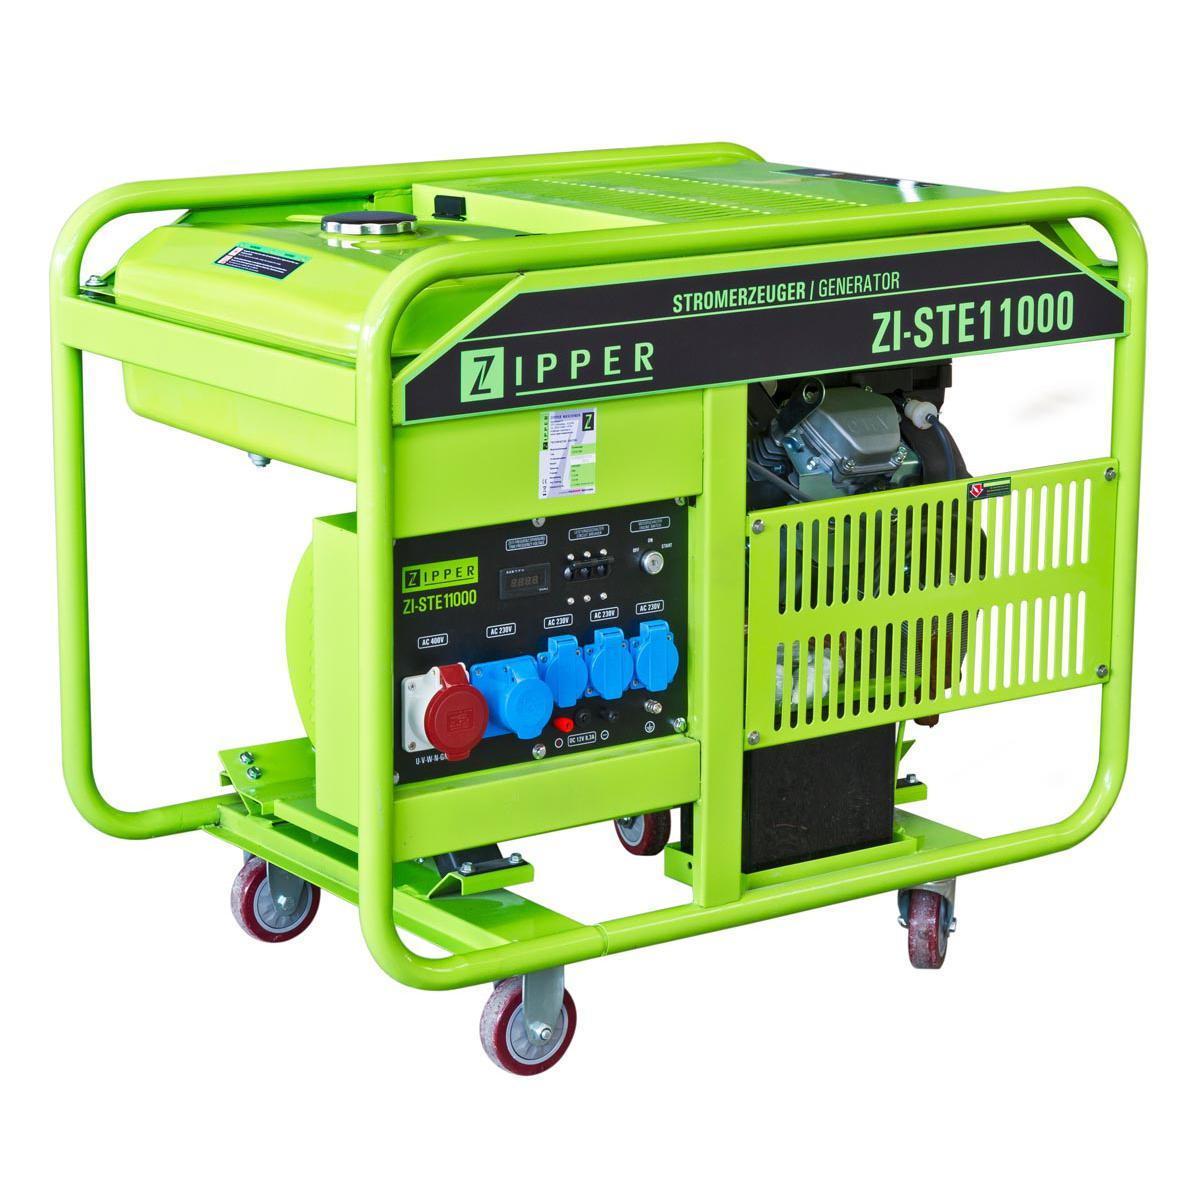 Holzmann, ZI-STE11000, Generátor Zipper ZI-STE11000 NEW PROFESSIONAL, snadné použití